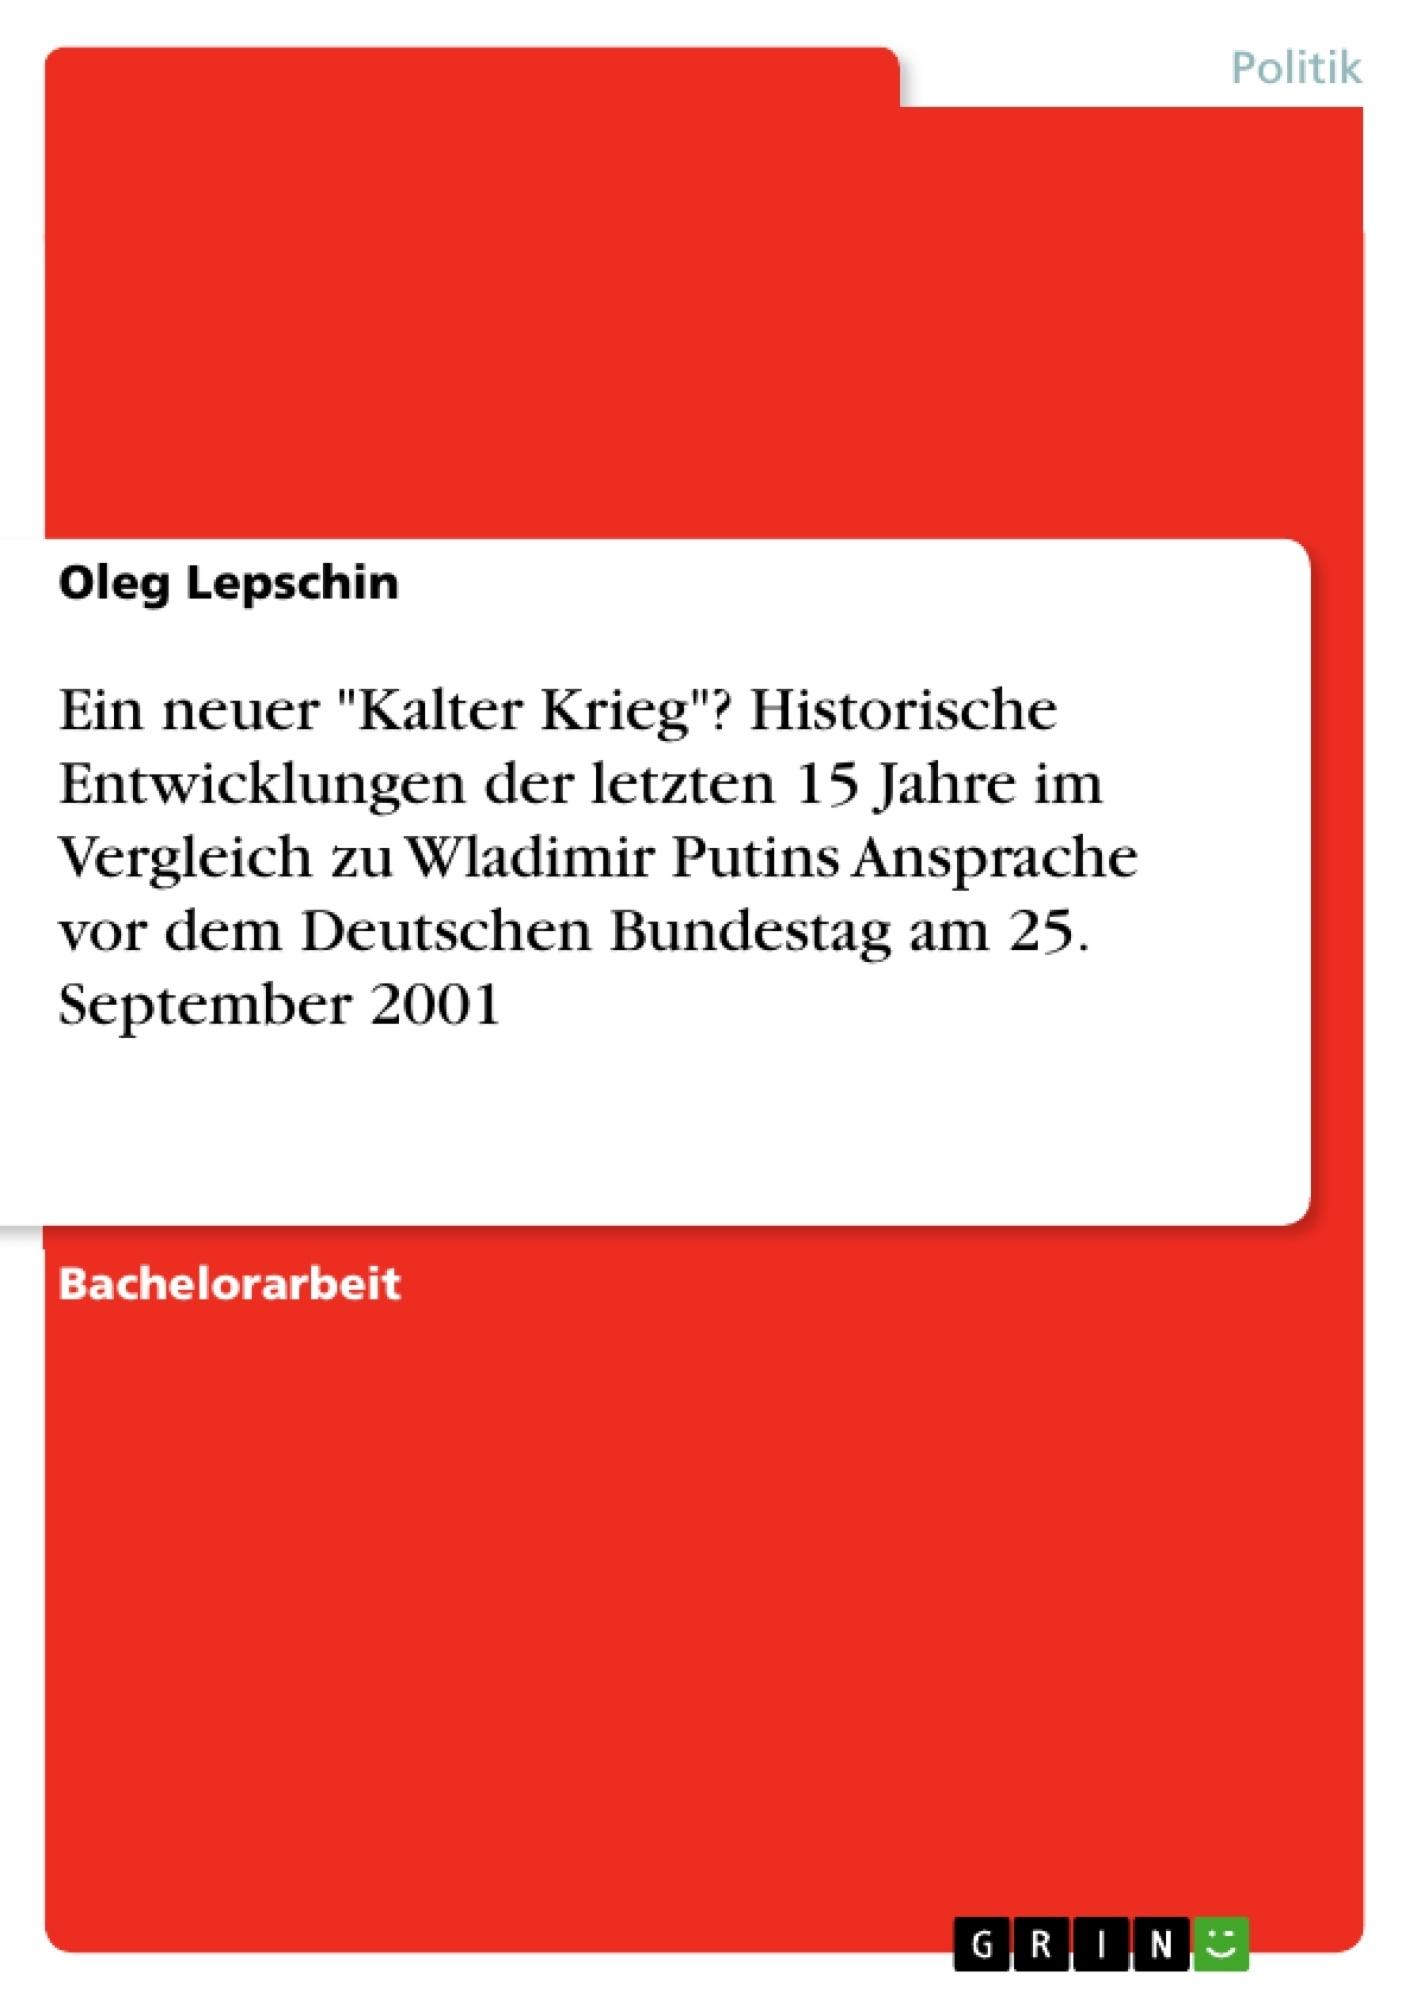 """Titel: Ein neuer """"Kalter Krieg""""? Historische Entwicklungen der letzten 15 Jahre im Vergleich zu Wladimir Putins Ansprache vor dem Deutschen Bundestag am 25. September 2001"""